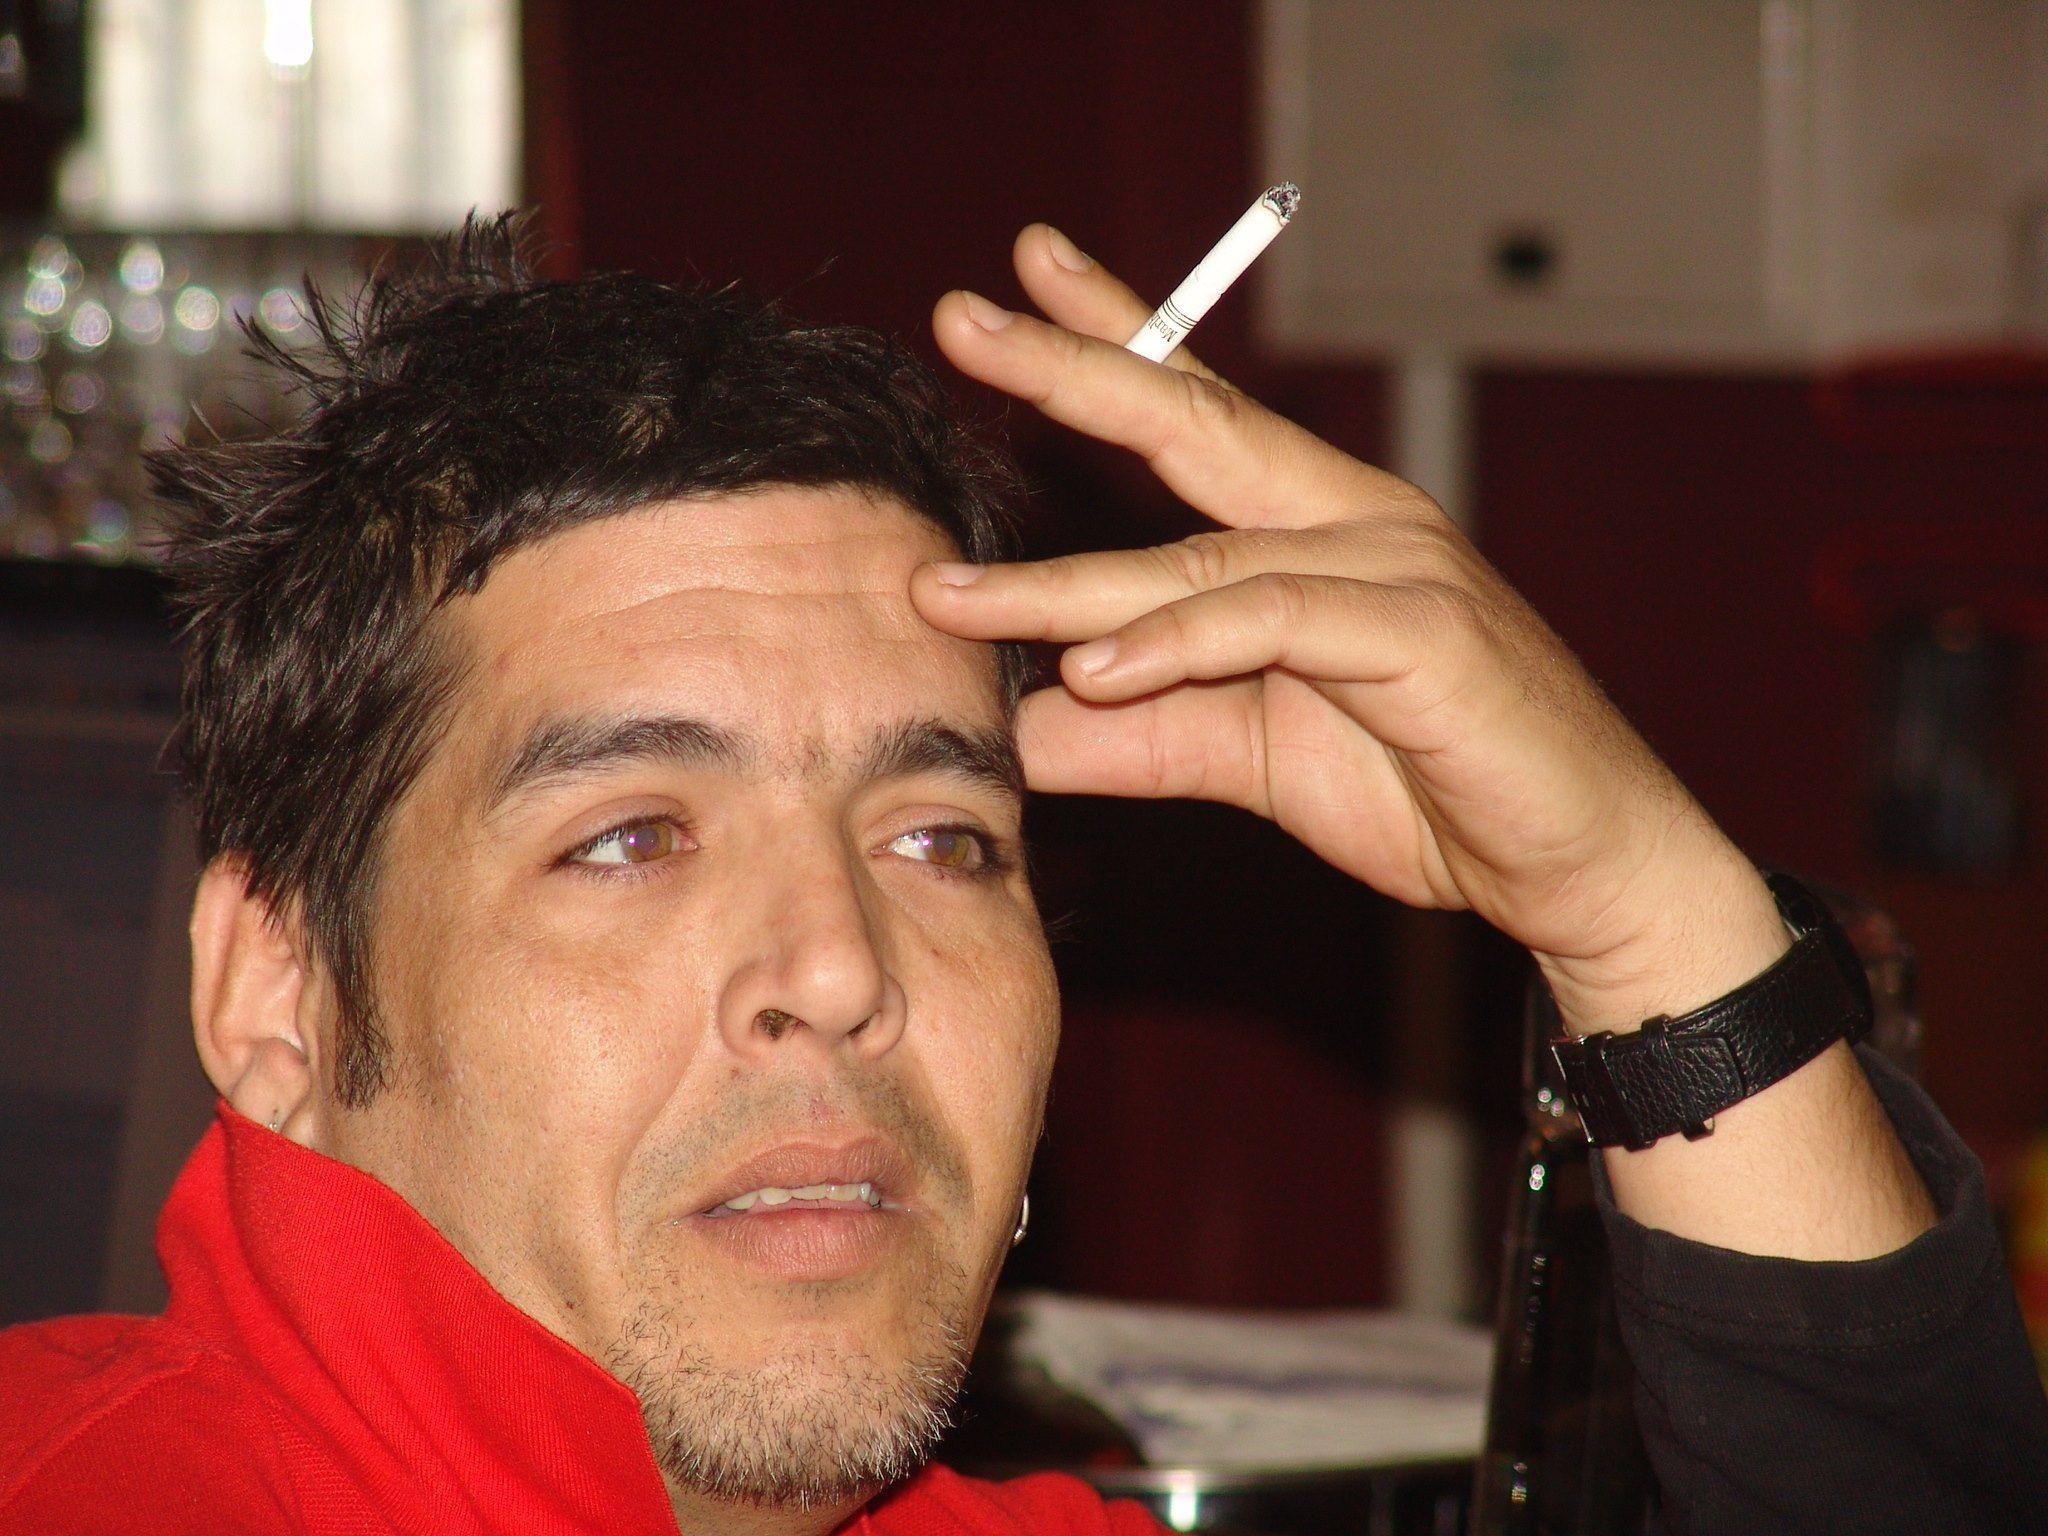 """A Geovany González, uno de los cubanos en China que ha demostrado mayor capacidad de emprendimiento empresarial en los pasados tres lustros, uno de sus suministradores chinos le entregaba """"tilapia por merluza""""."""